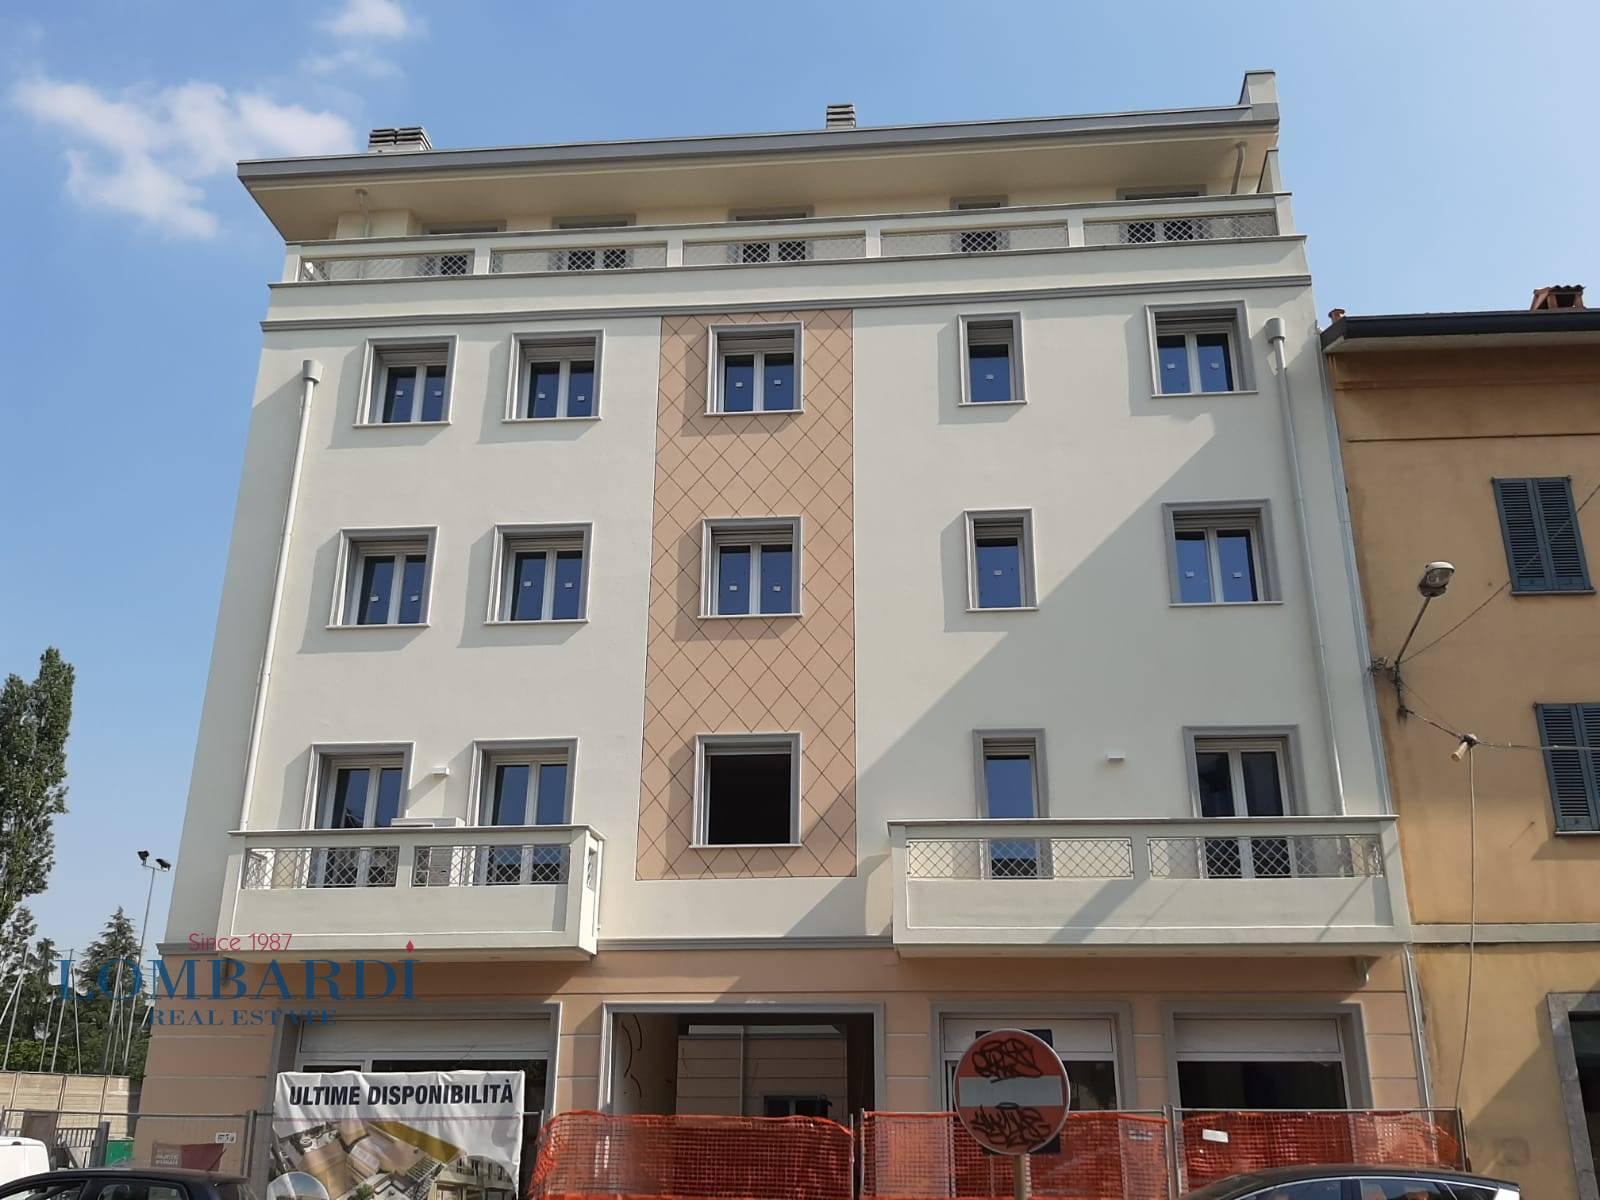 Appartamento in vendita a Cesano Maderno, 4 locali, zona Località: Centro, prezzo € 667.000 | PortaleAgenzieImmobiliari.it